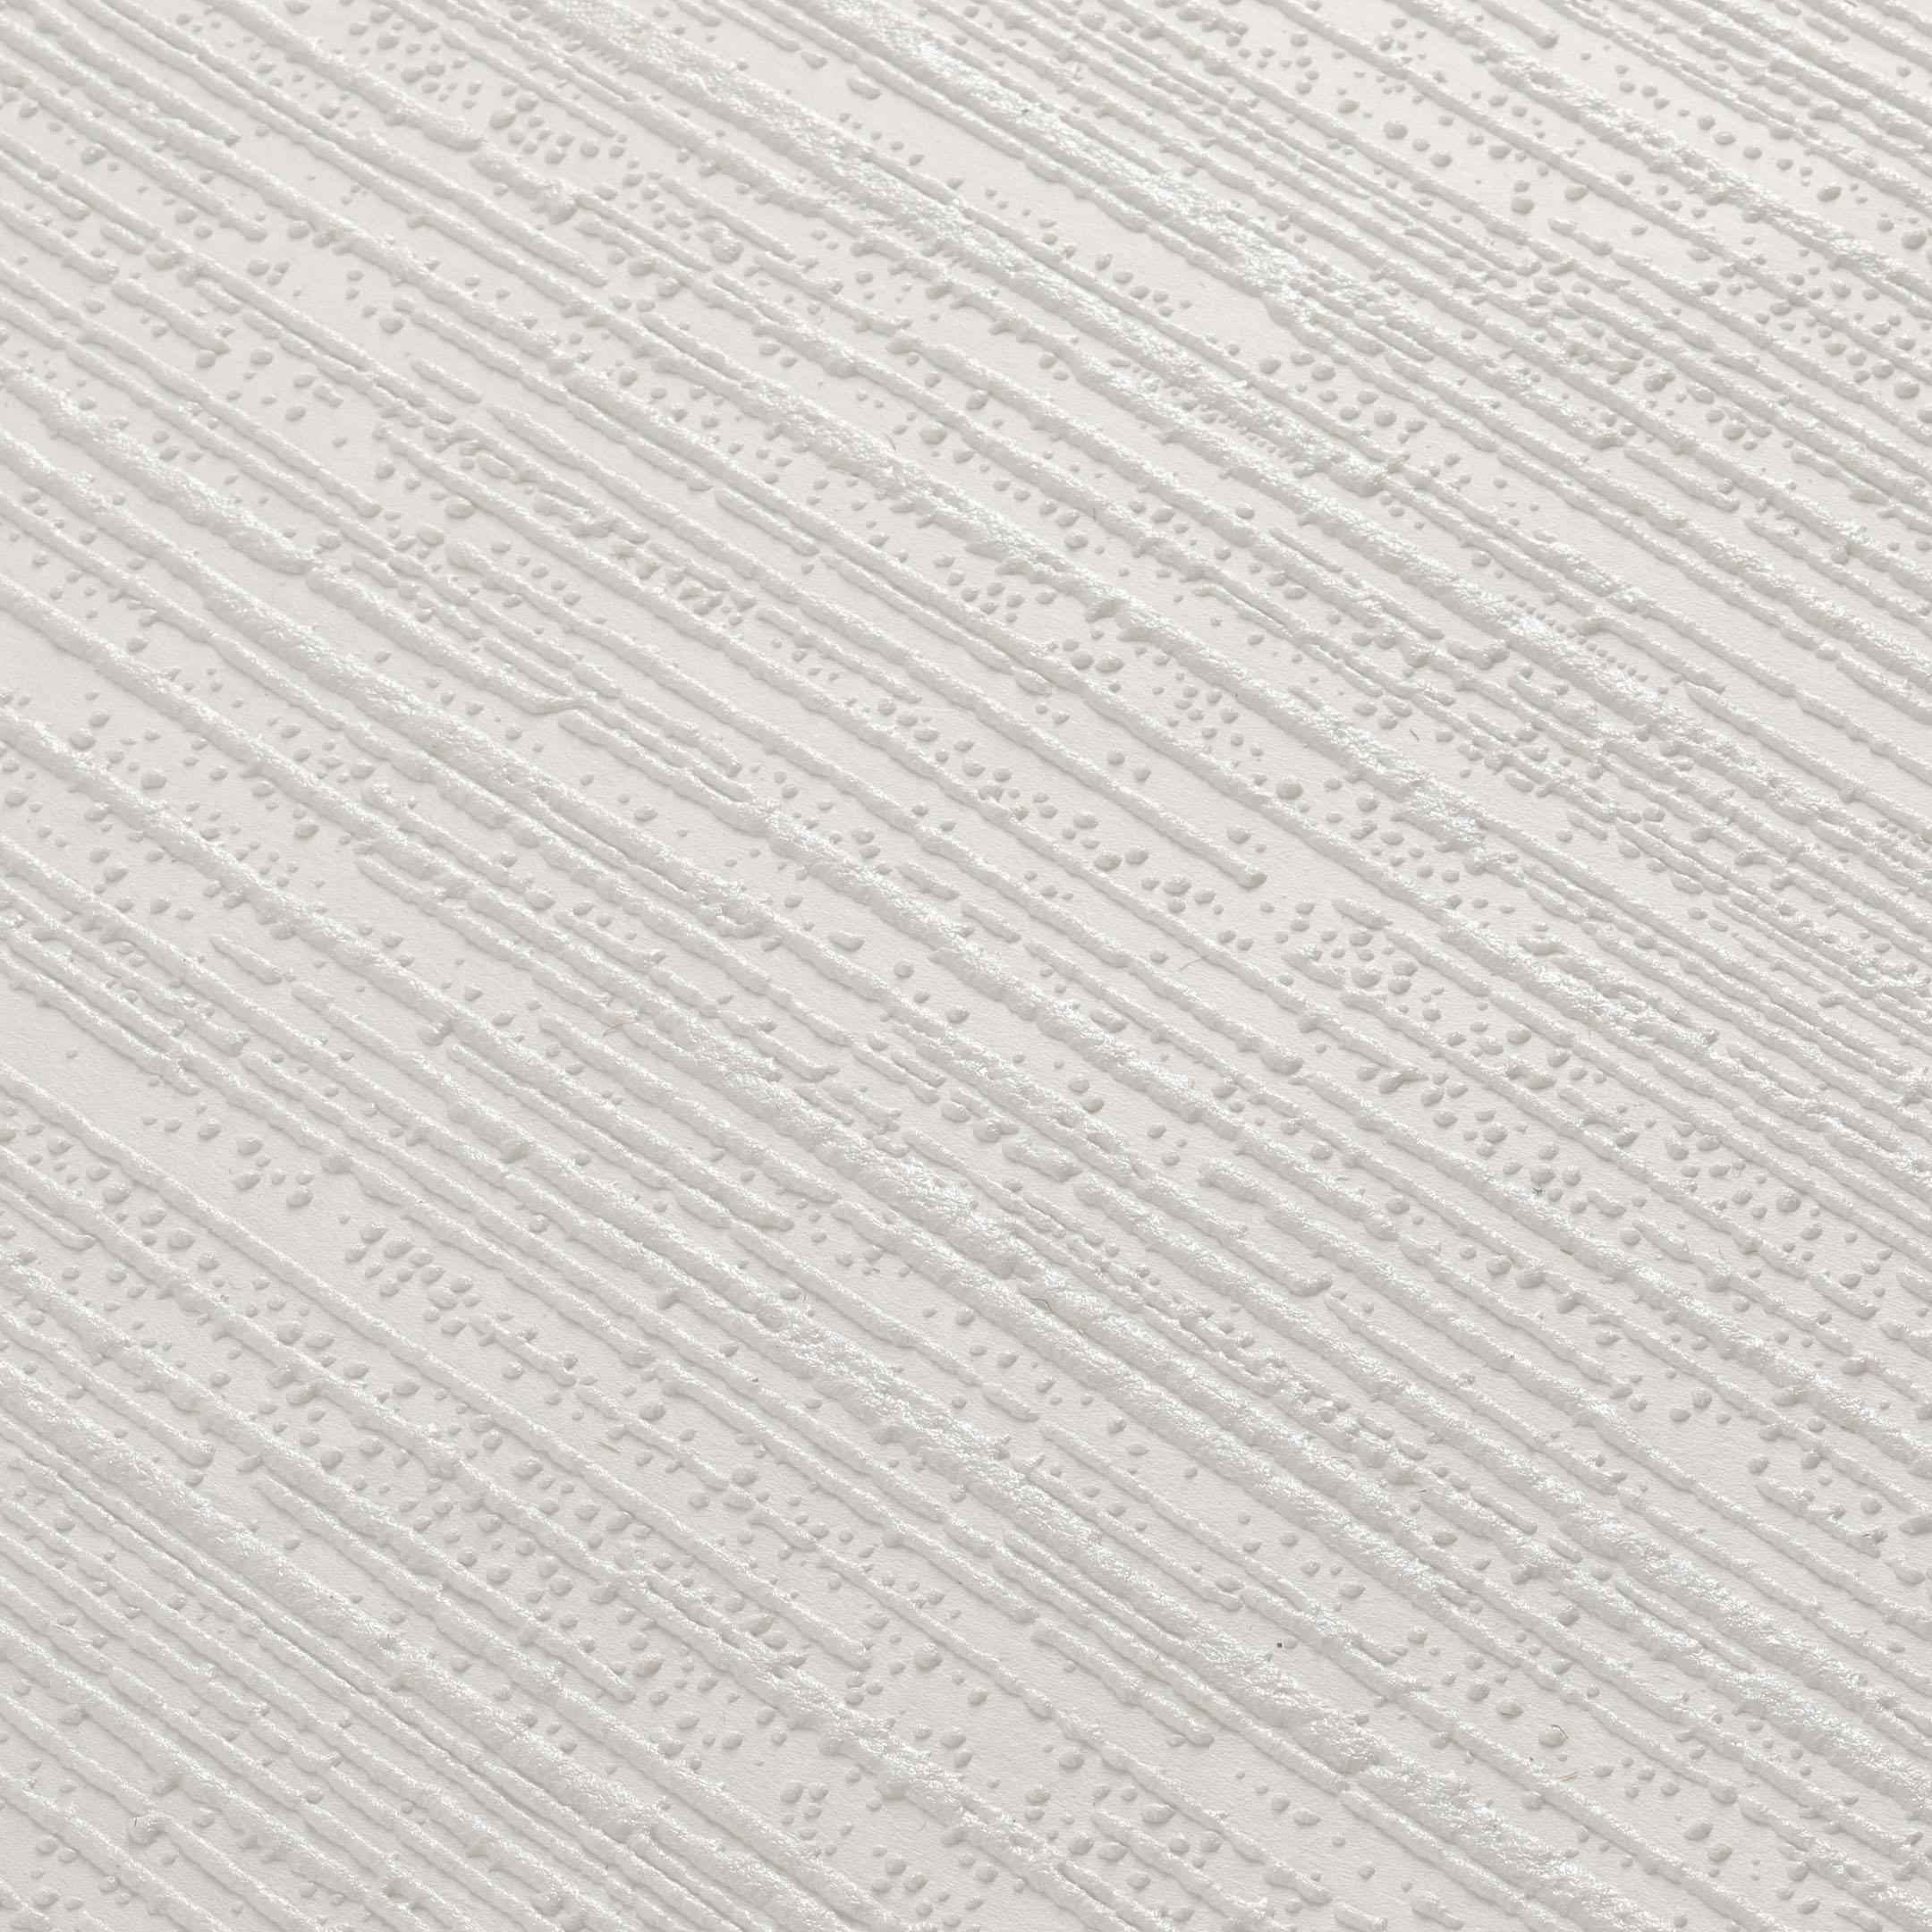 Обои под покраску виниловые на флизелиновой основе фактурные МИР White Pro 07-059 (1,06х25 м) плотность 90 г/кв.м фото